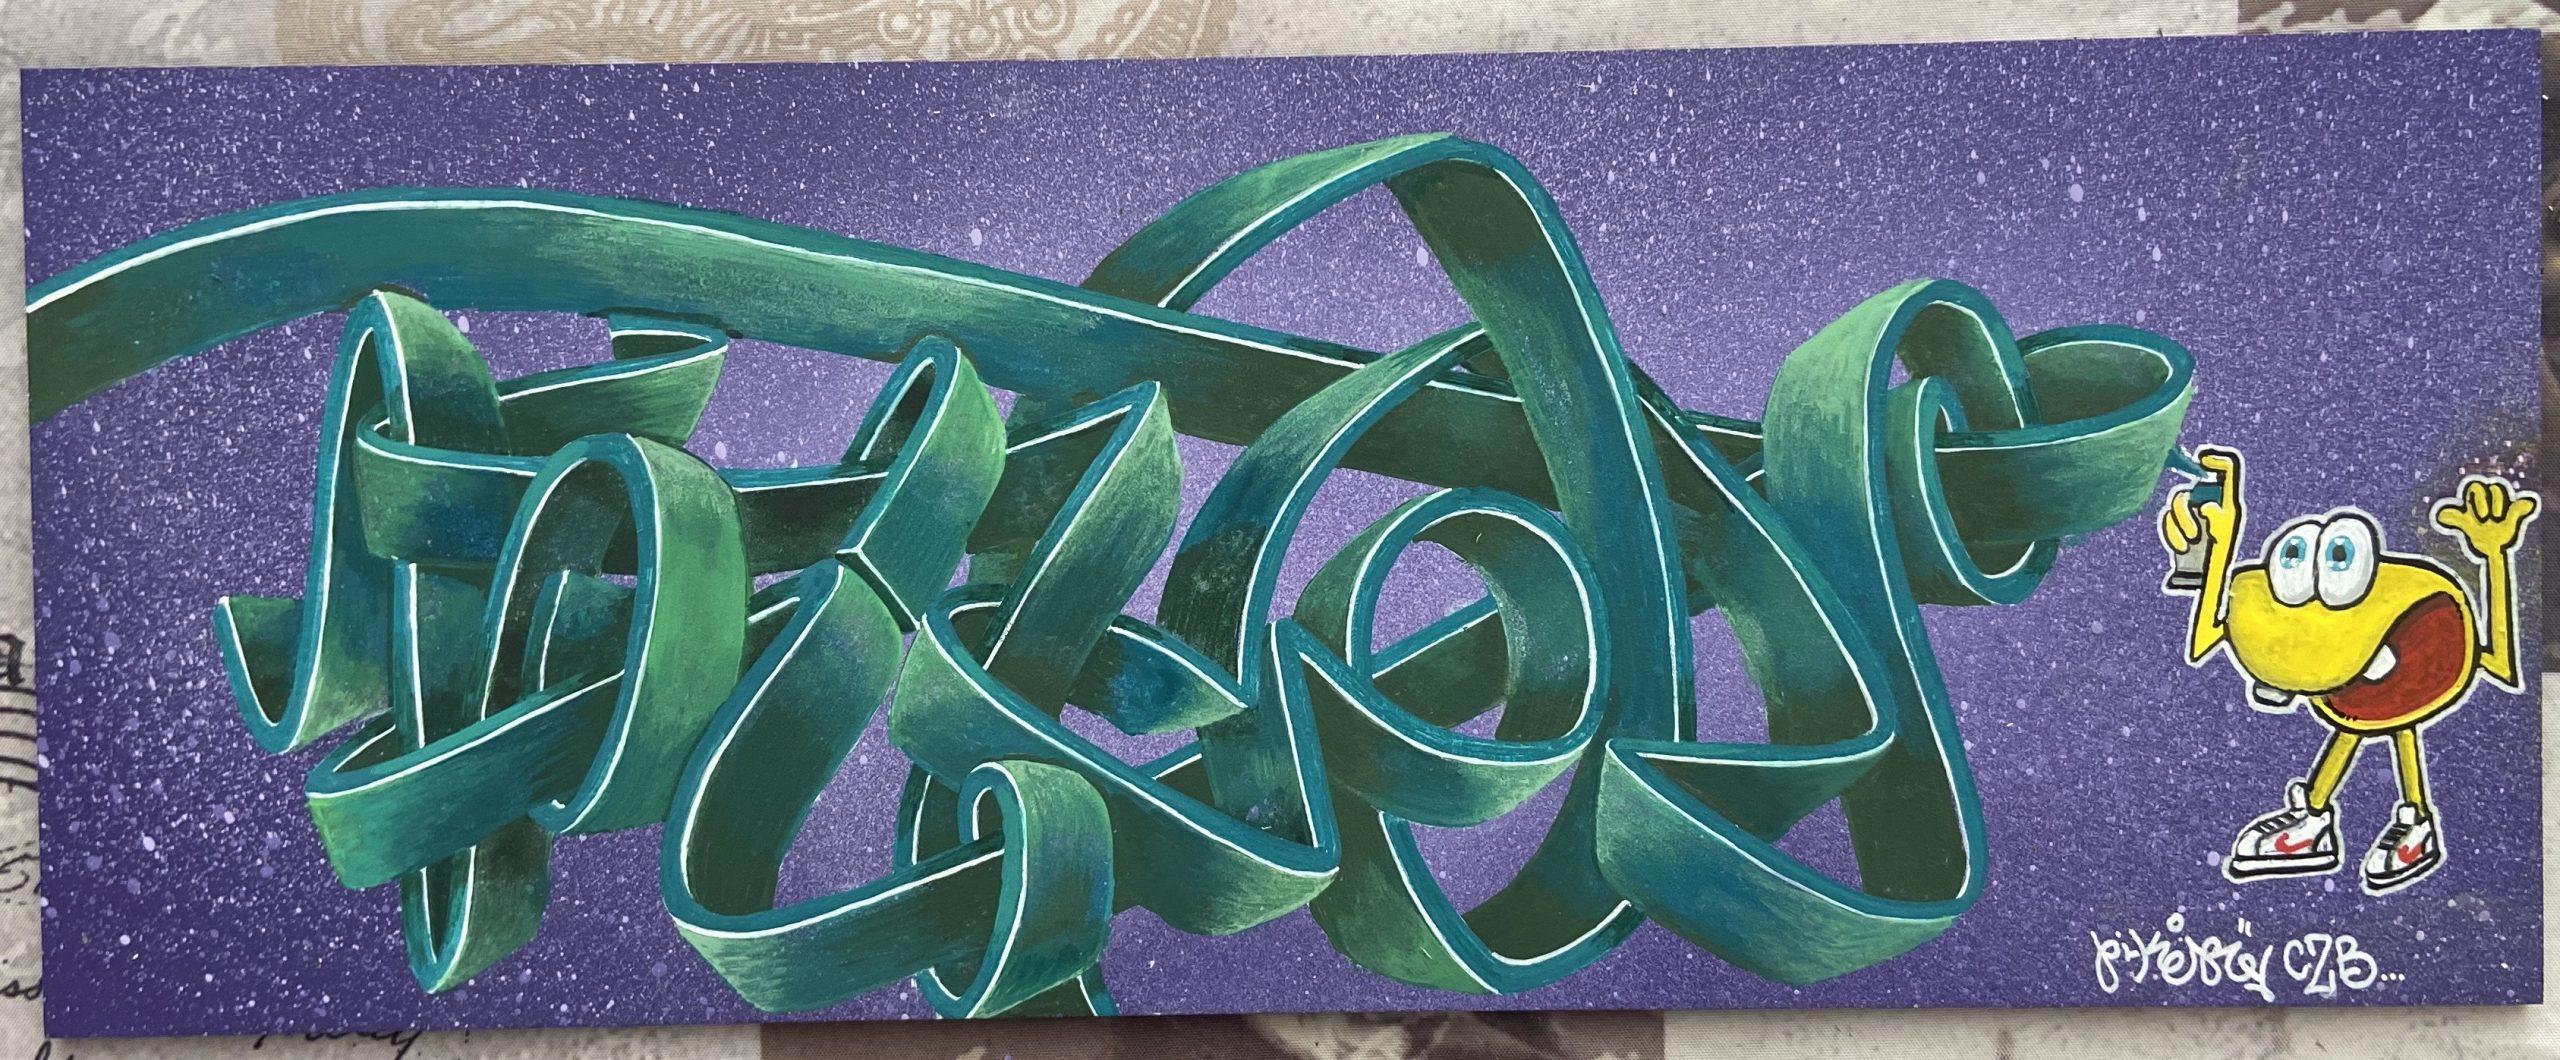 STREET ART PIKER CZB